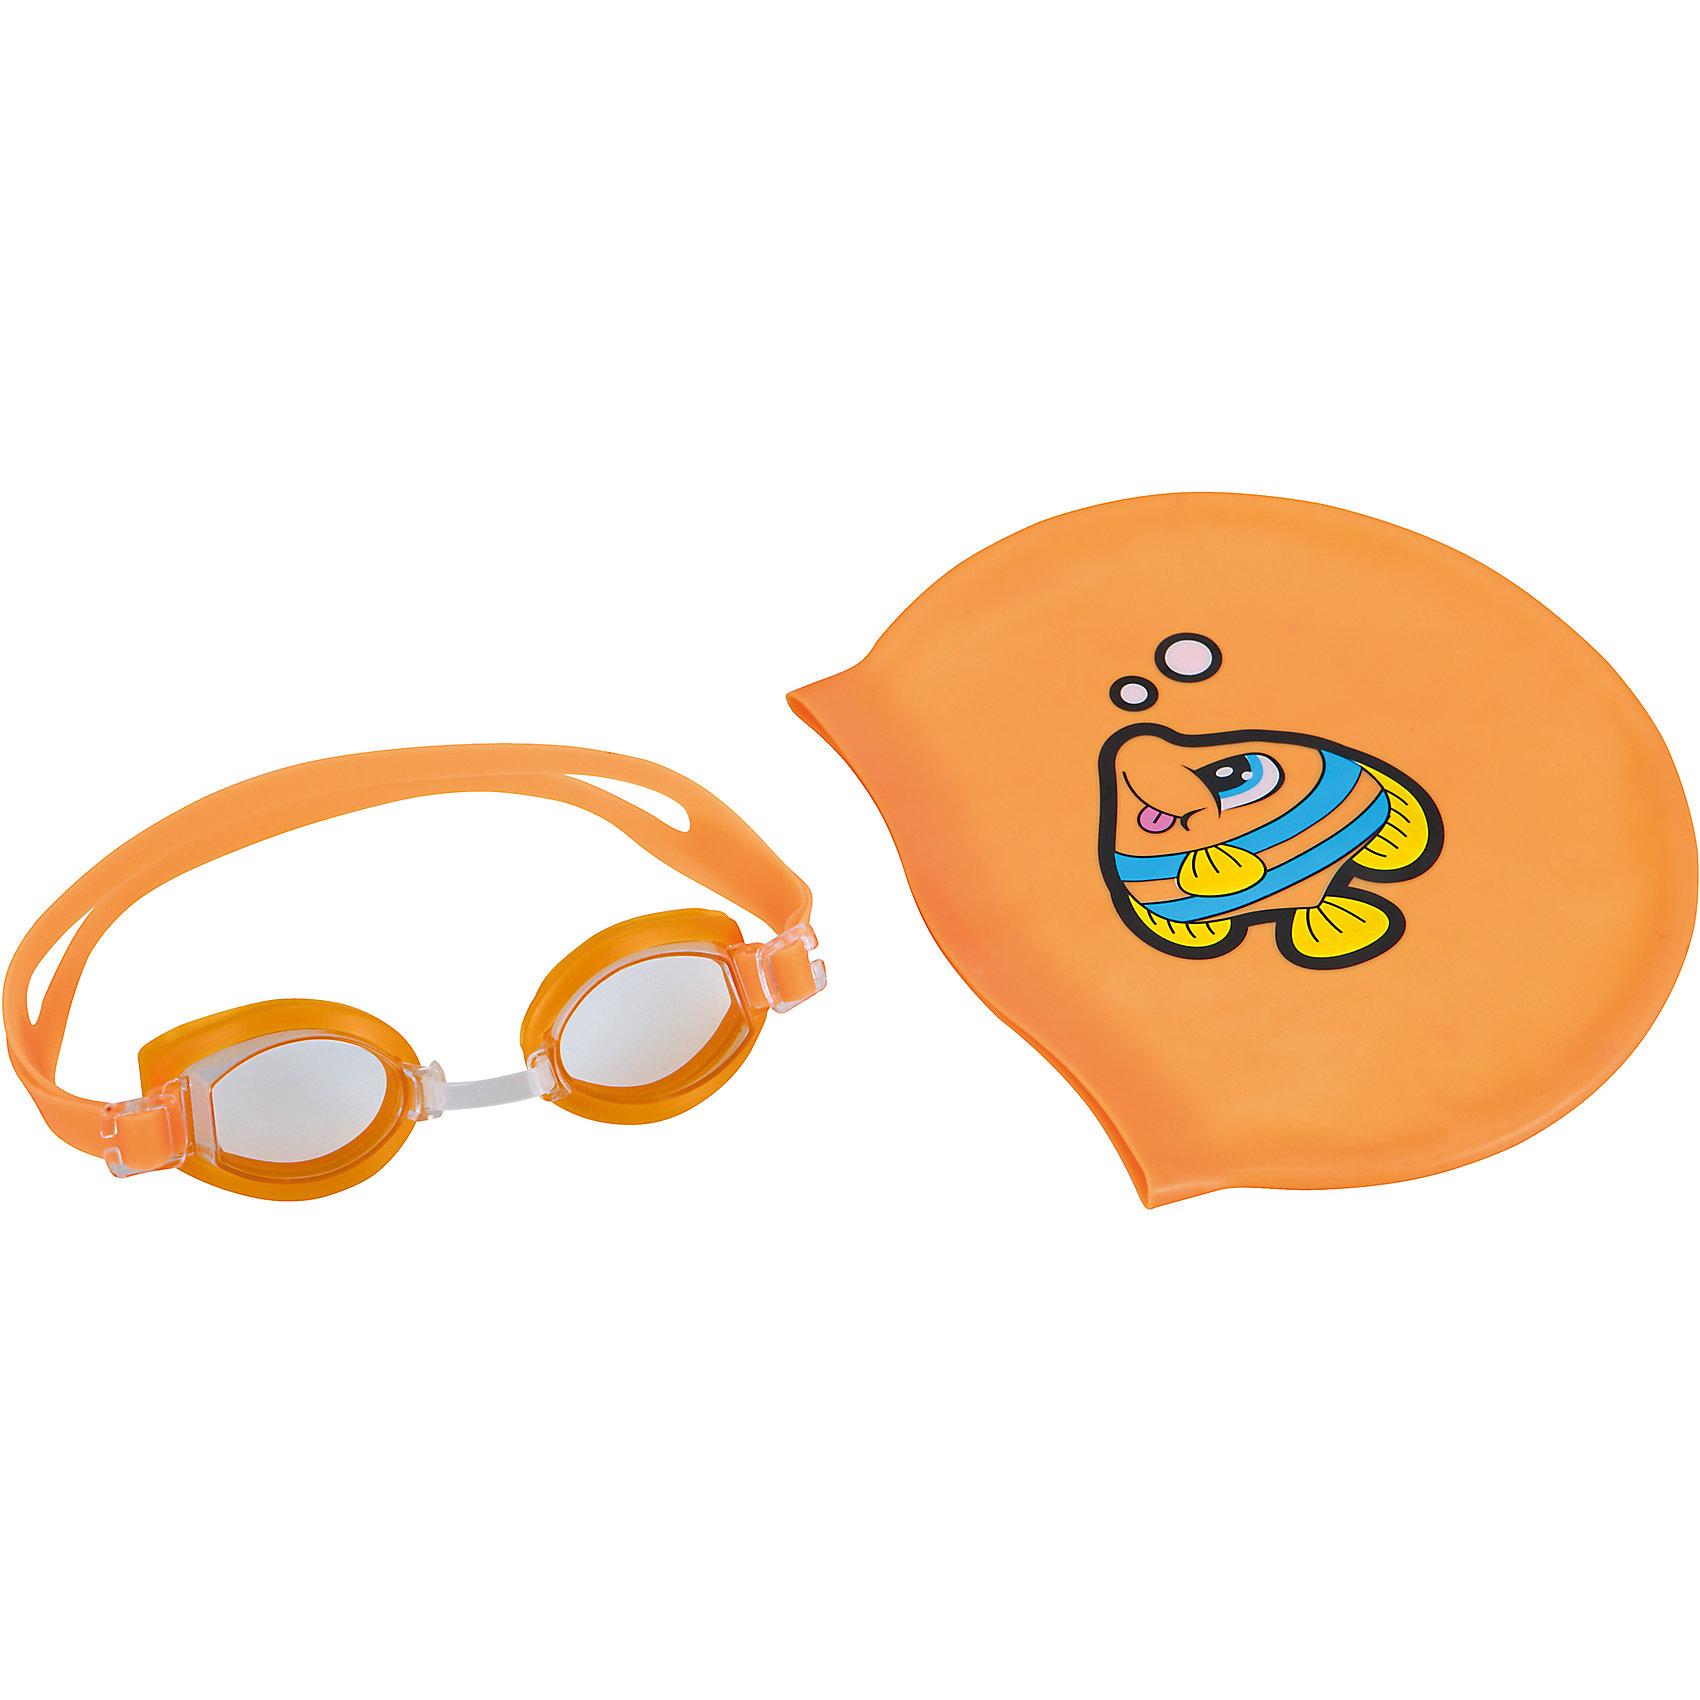 Набор для плавания, Bestway, оранжевыйНабор для плавания  Bestway - прекрасный вариант для активного и веселого пляжного отдыха.<br>Очки и шапочка для плавания выполнены в одной яркой цветовой гамме. Очки оснащены линзами со специальным покрытием для предотвращения запотевания. Мягкая хорошо прилегающая переносица обеспечит удобство и комфорт во время плавания. Силиконовый ремешок, обхватывающий голову, регулируется до нужного размера. Шапочка поможет сохранить волосы сухими и избежать попадания воды в уши. Изготовлена из прочного качественного материала и плотно облегает голову. Комплект упакован в удобный прозрачный чехол. -  Набор для плавания Bestway можно купить в нашем интернет-магазине.<br><br>В комплект входят:<br>- очки для плавания<br>- шапочка<br><br>Дополнительная информация:<br>- Материал: пластик, силикон<br>- Размер упаковки: 18 х 7 х 4 см<br>- Вес: 80 г<br>- Цвет: оранжевый<br>- Возраст: для детей от 7 лет<br>- Бренд: Bestway<br><br>Ширина мм: 180<br>Глубина мм: 70<br>Высота мм: 40<br>Вес г: 80<br>Возраст от месяцев: 84<br>Возраст до месяцев: 144<br>Пол: Унисекс<br>Возраст: Детский<br>SKU: 4828536